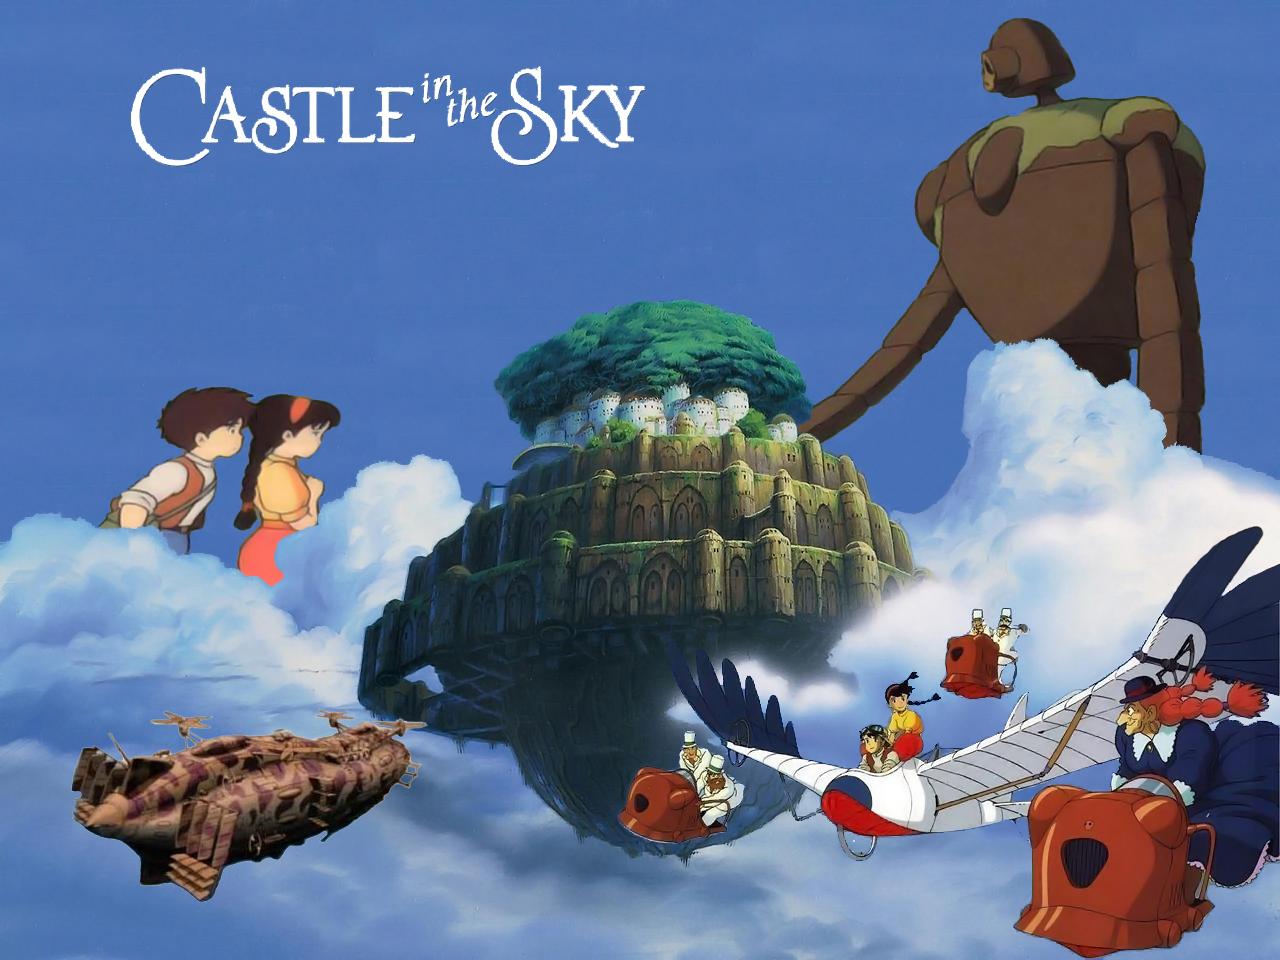 Castle In The Sky Wallpaper By Swfan1977 On Deviantart